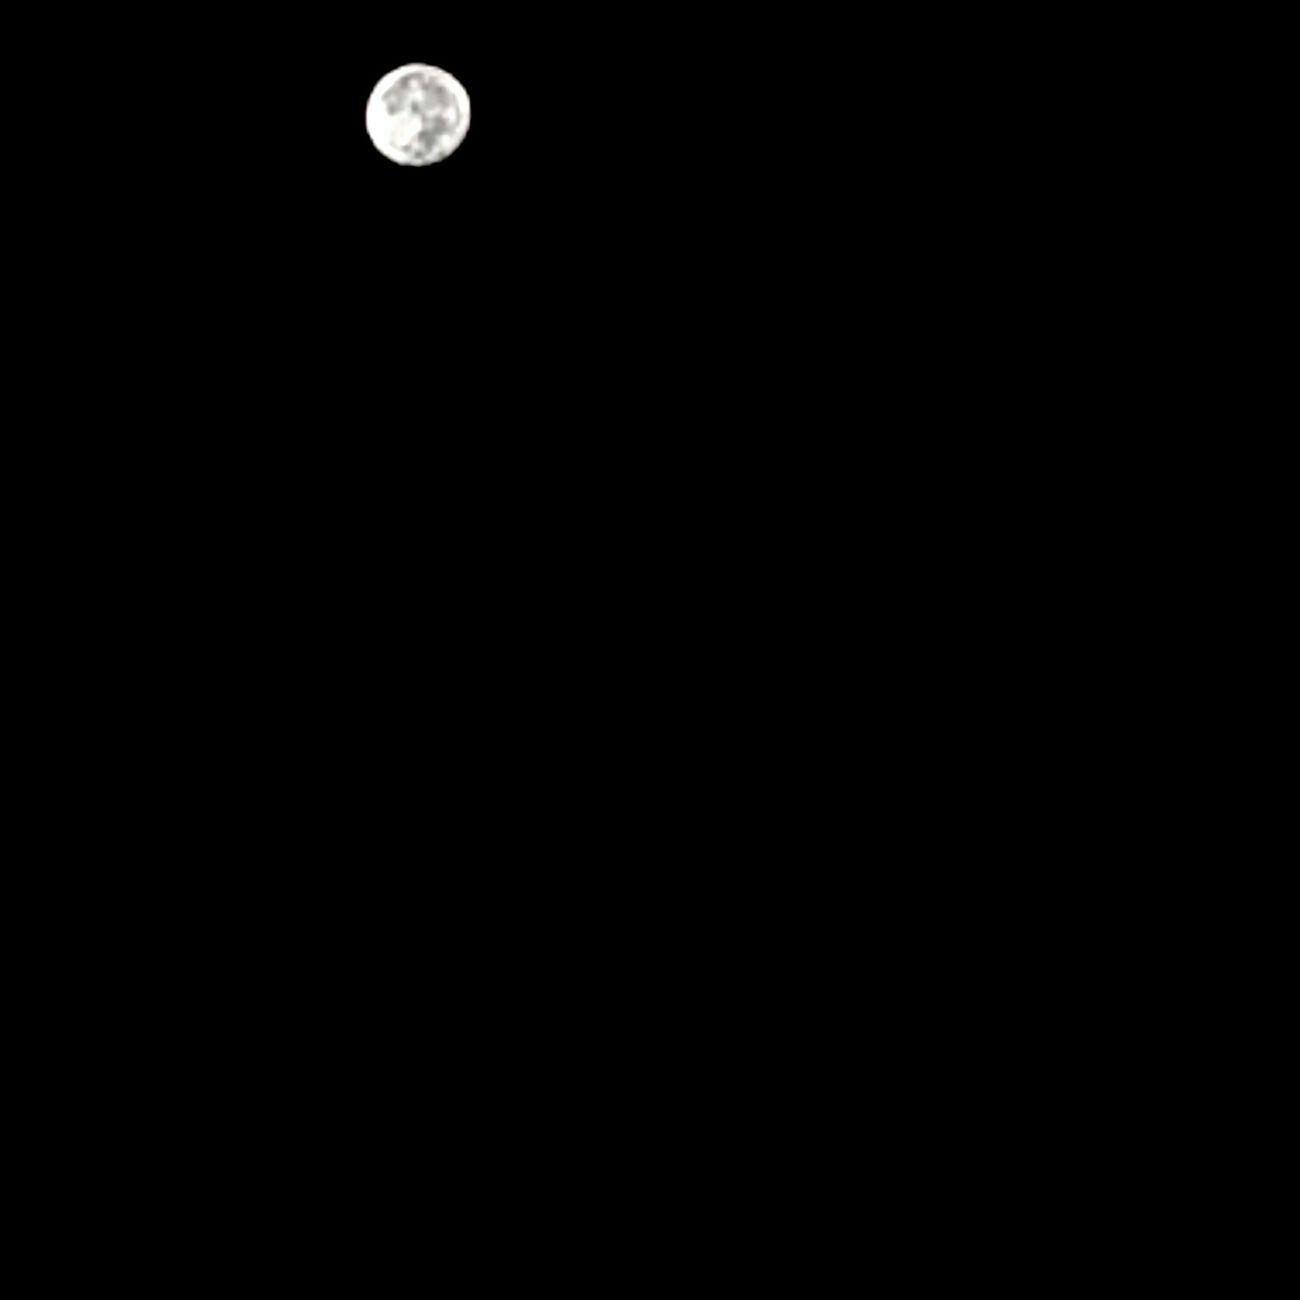 2016.11.15 Moon Luna 月 月が綺麗ですね 夏目漱石 Nature Naturaleza 自然 Night Noche 夜 Light Luz 光 Japan Japon 日本 Kyusyu 九州 Day After Super Moon 2016.11.14 雨 月全く見えず。2016.11.15晴れ やっと月に会えた。1日遅れ。